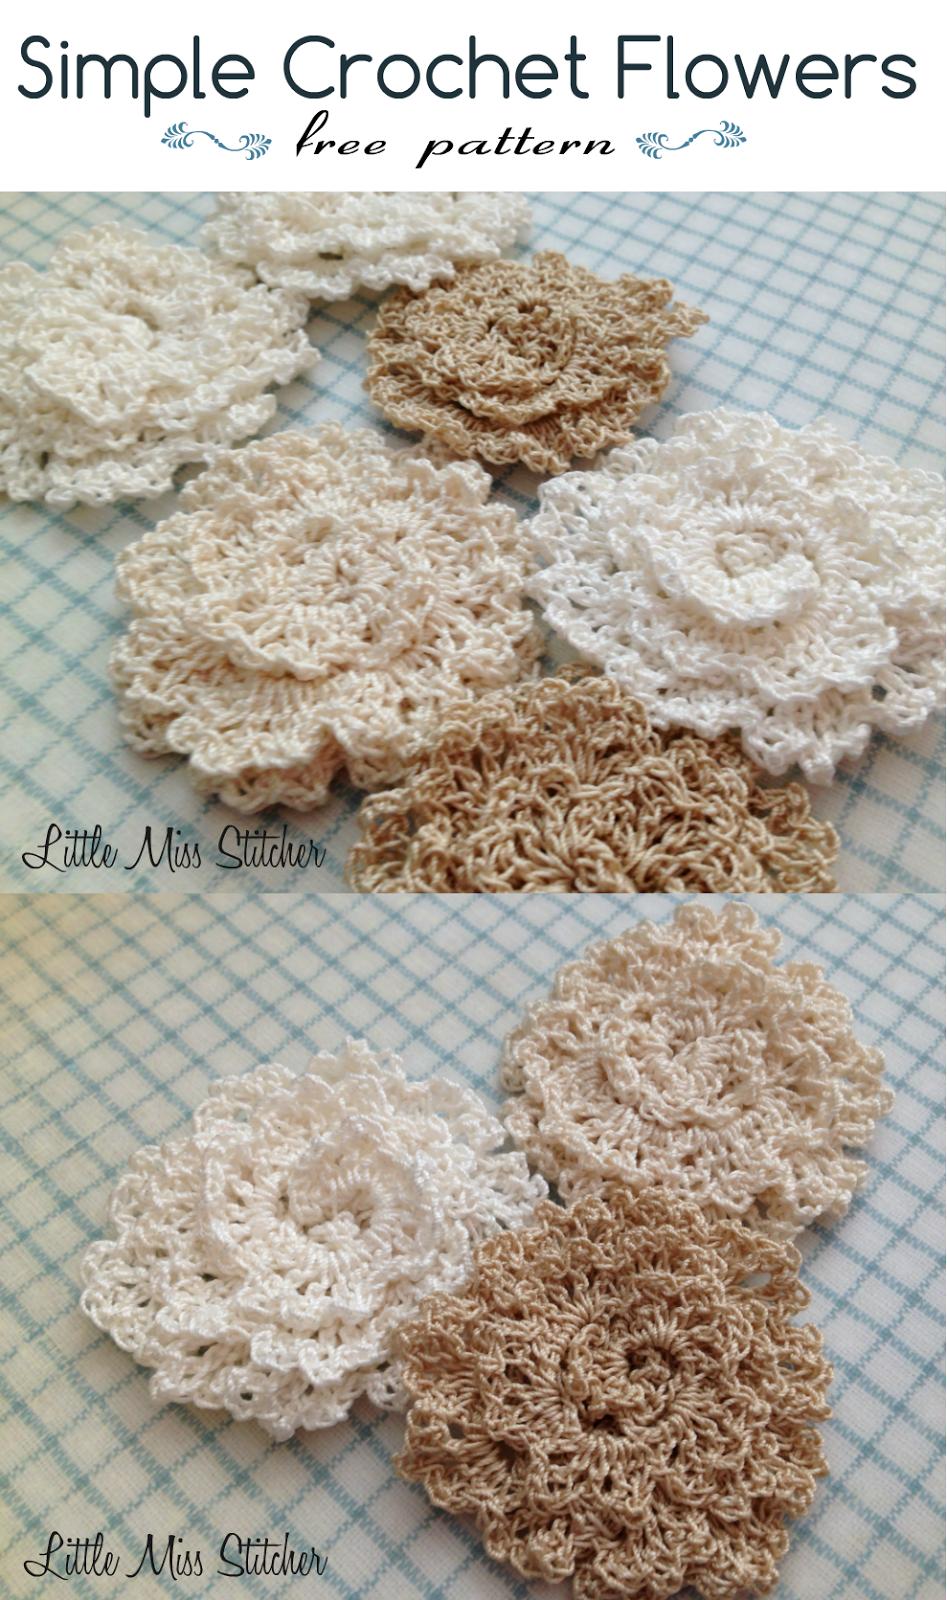 Little Miss Stitcher: Simple Crochet Flower Free Pattern   crochet ...